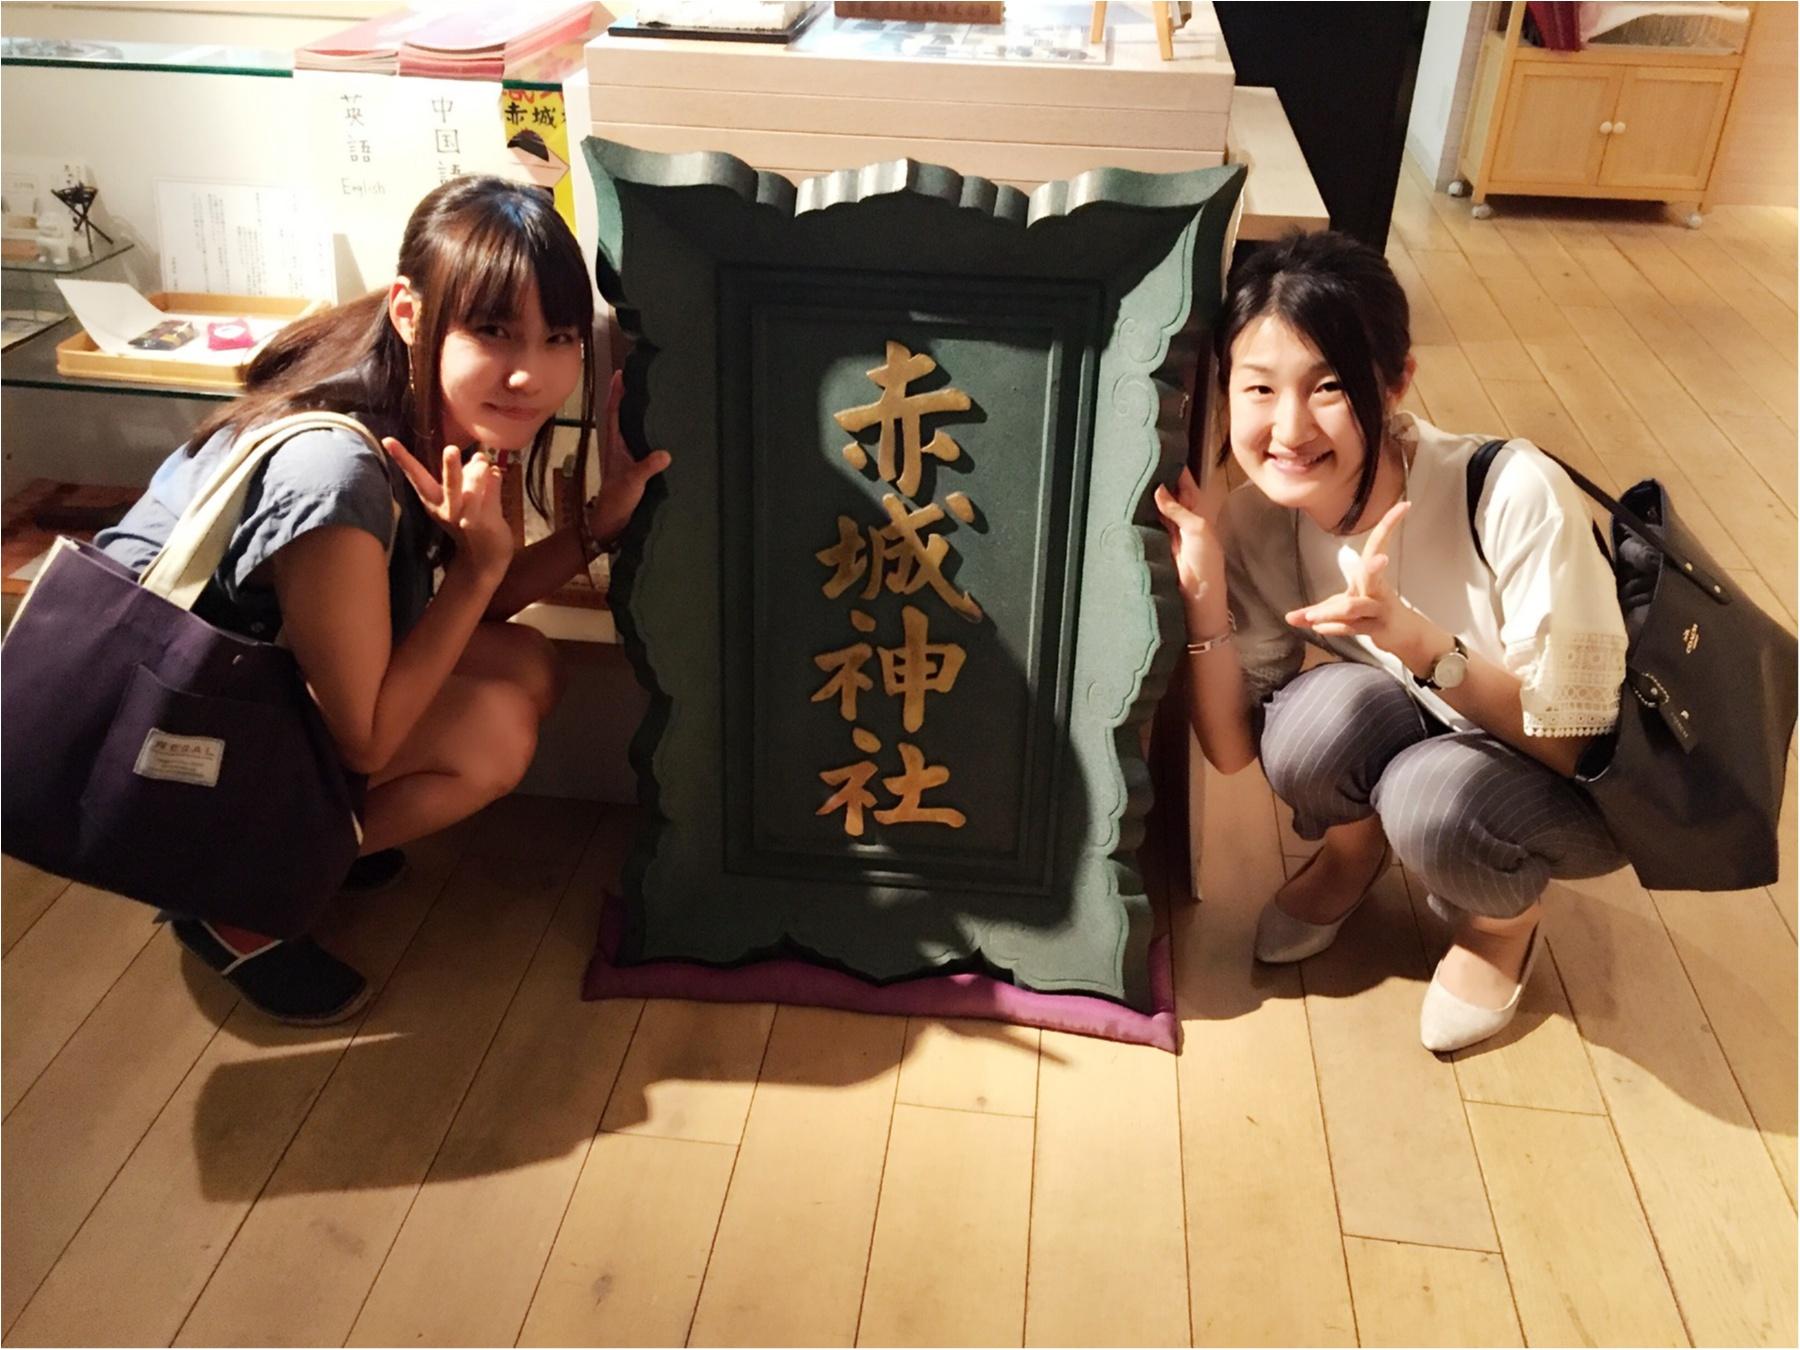 …ஐ 行ってみました!神楽坂の神社にあるcaféがお洒落だって知ってる? ஐ¨_8